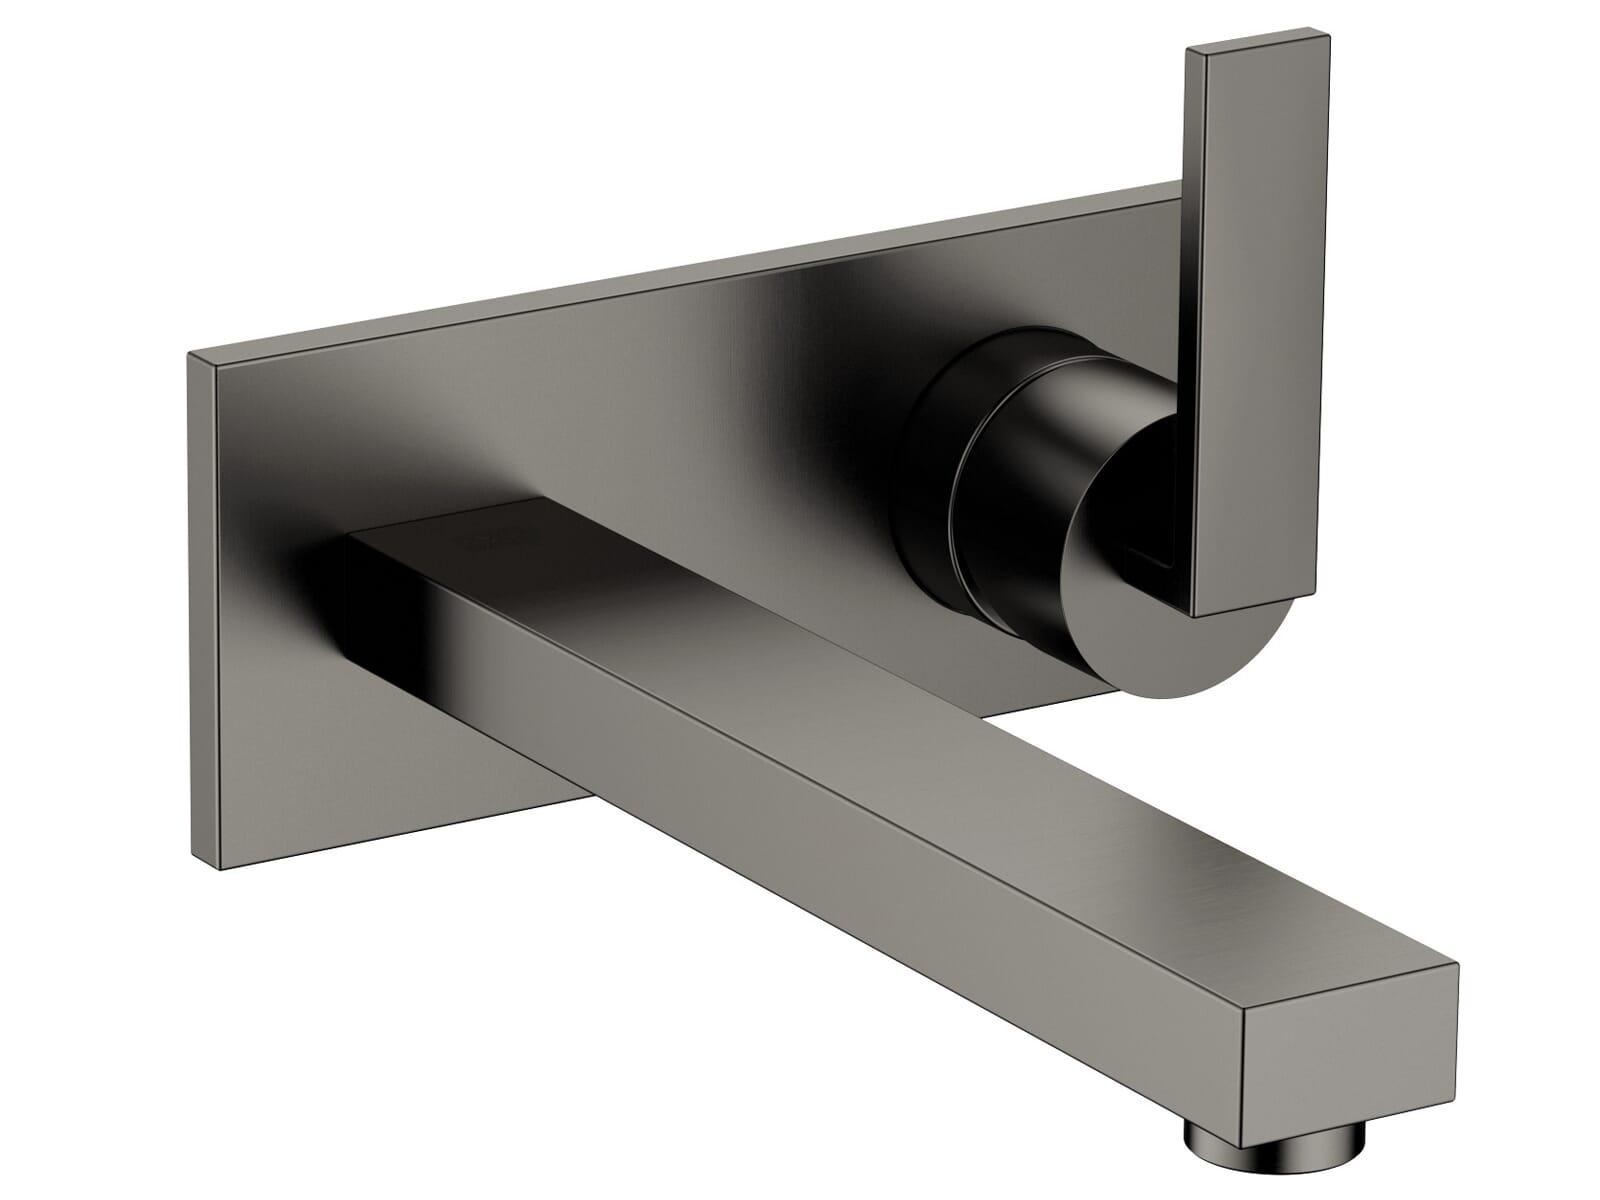 Dornbracht Lot Wandmischer Dark Platinum Matt 36 820 680-99 Hochdruckarmatur